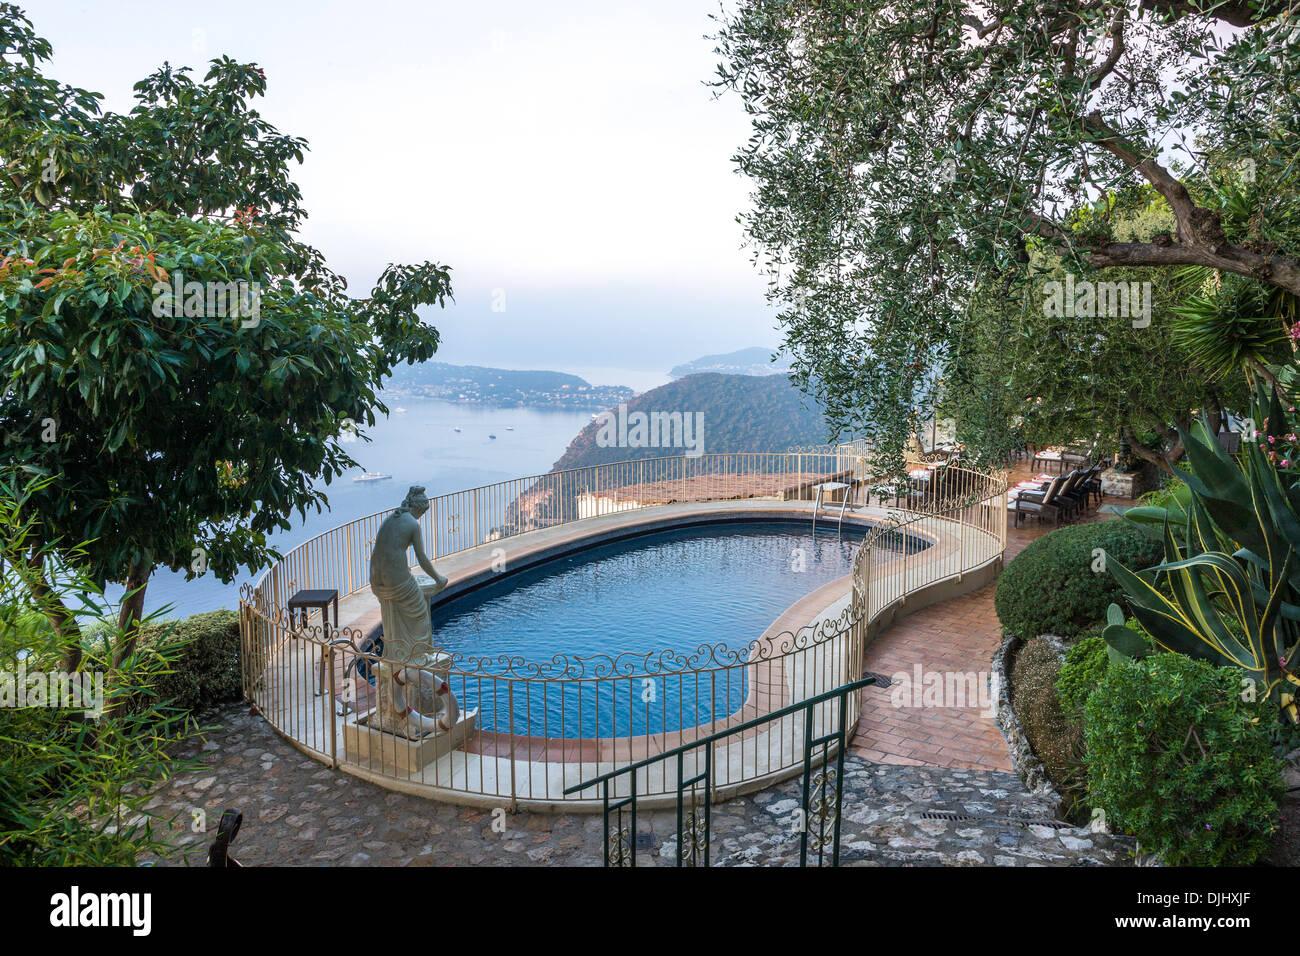 Swimming pool of the Château de La Chèvre d'Or. Eze, Alpes-Maritimes, France. - Stock Image